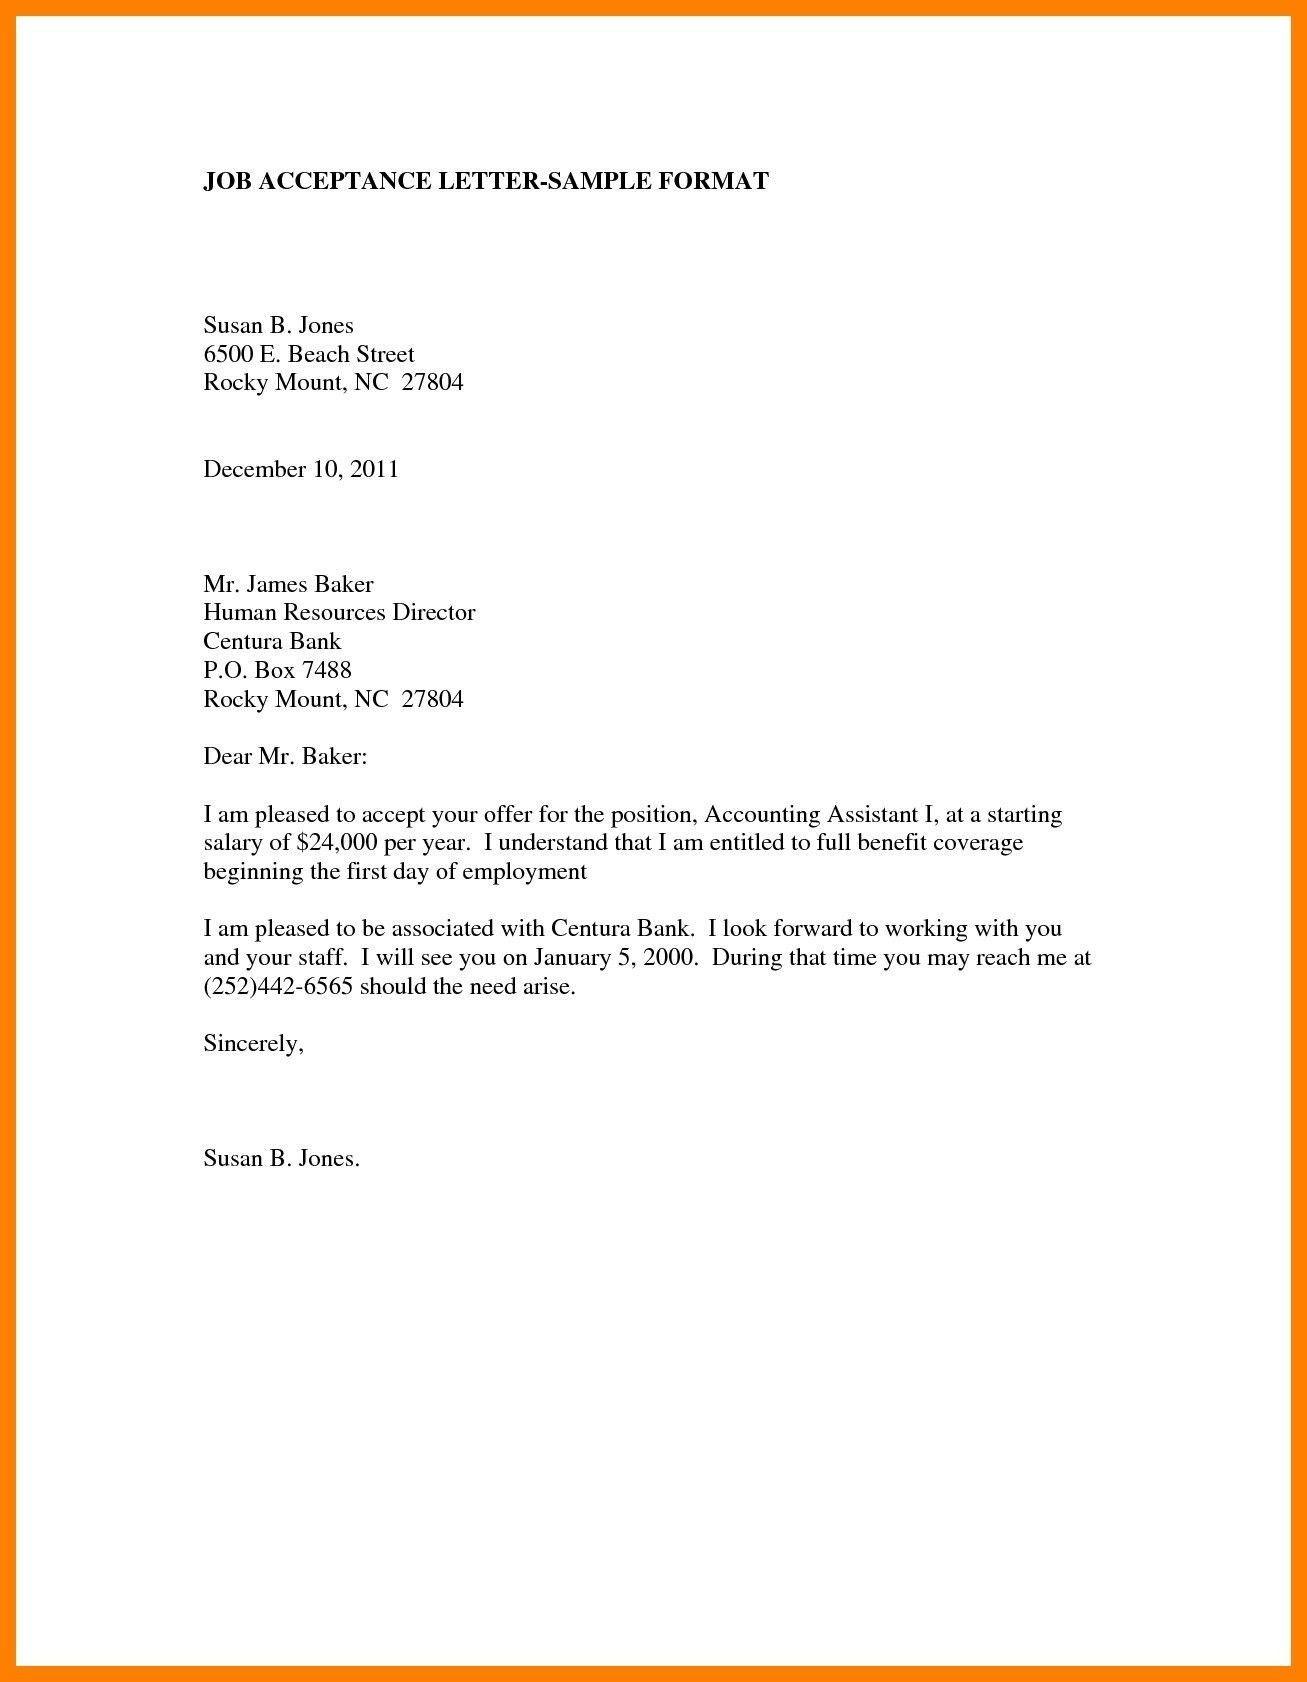 Employer Job Offer Letter Sample